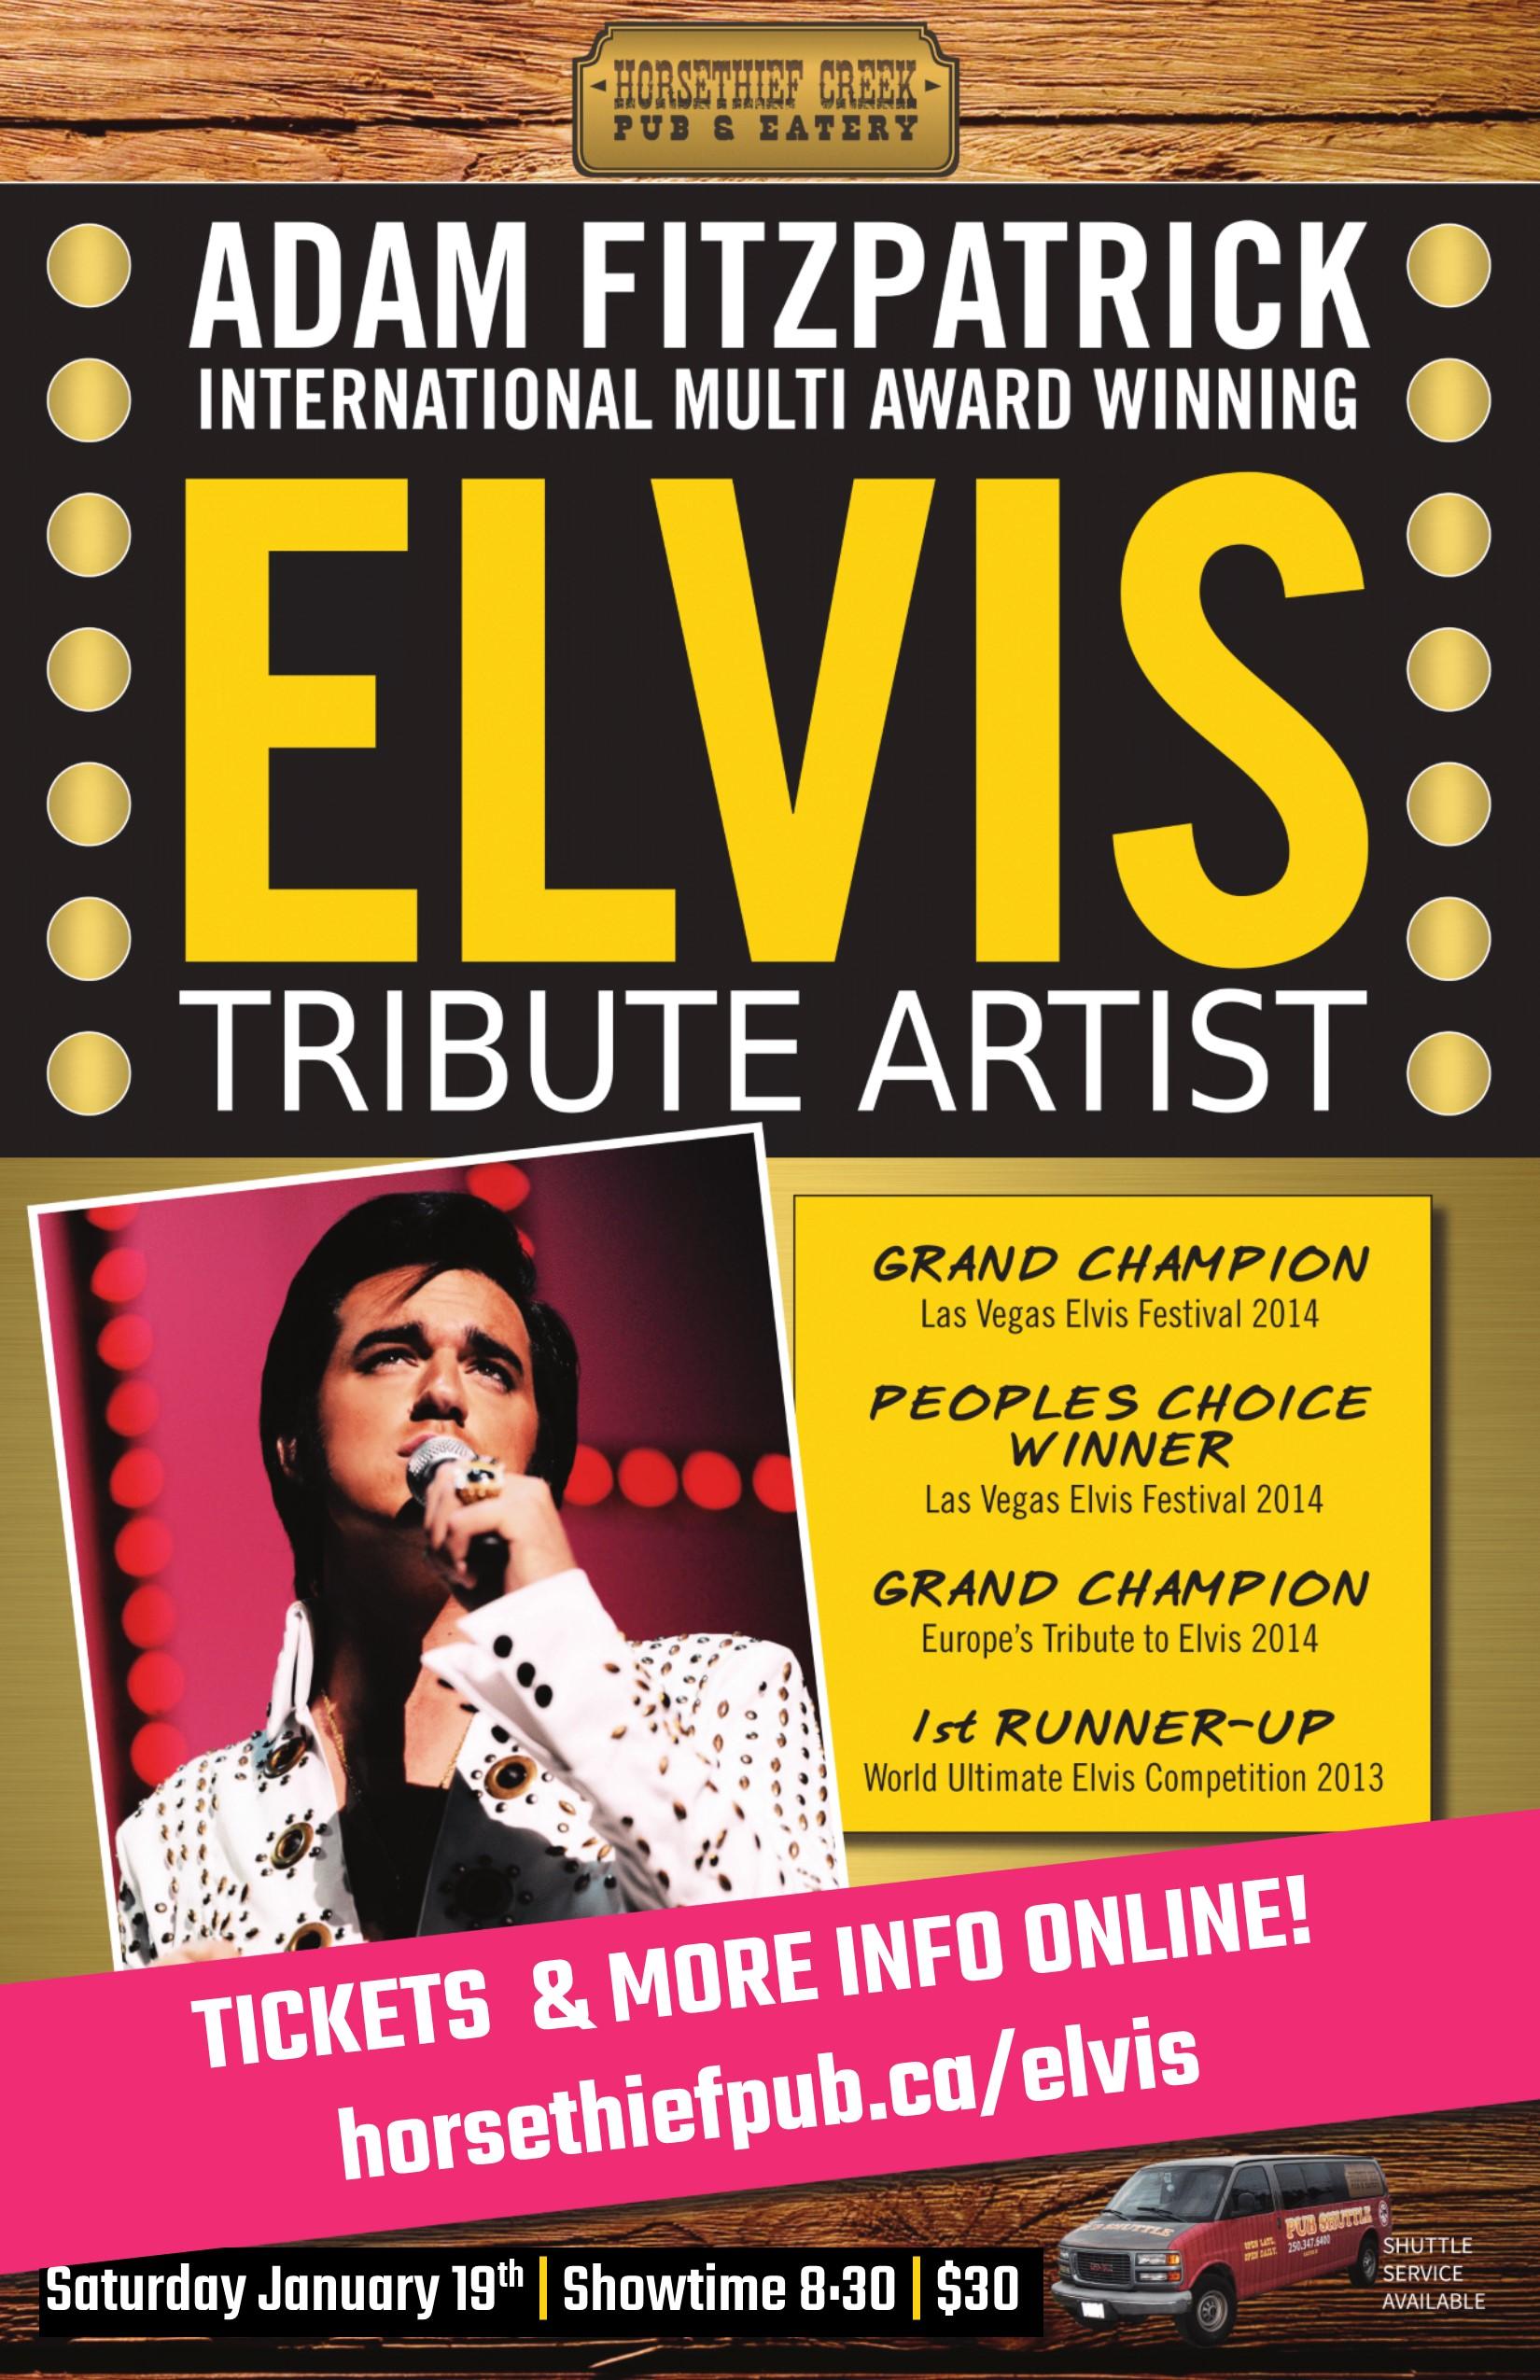 Elvis Tribute Artist Adam Fitzpatrick at the Horsethief Pub